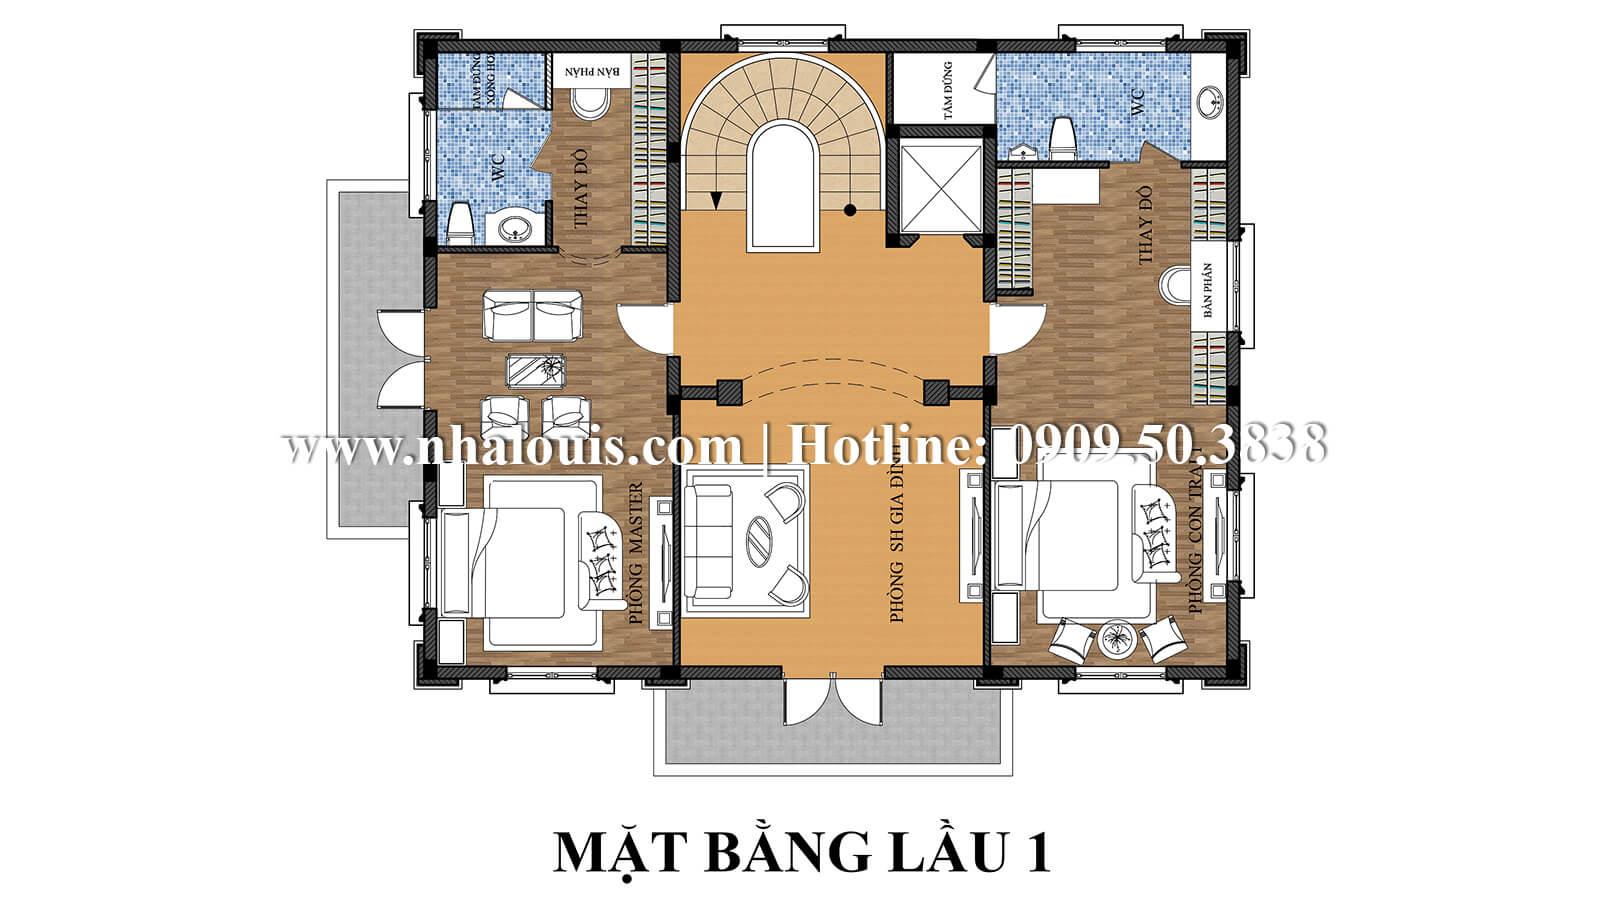 Mặt bằng tầng 1 Mẫu thiết kế biệt thự kiểu pháp bề thế và đẳng cấp tại Quận 9 - 06